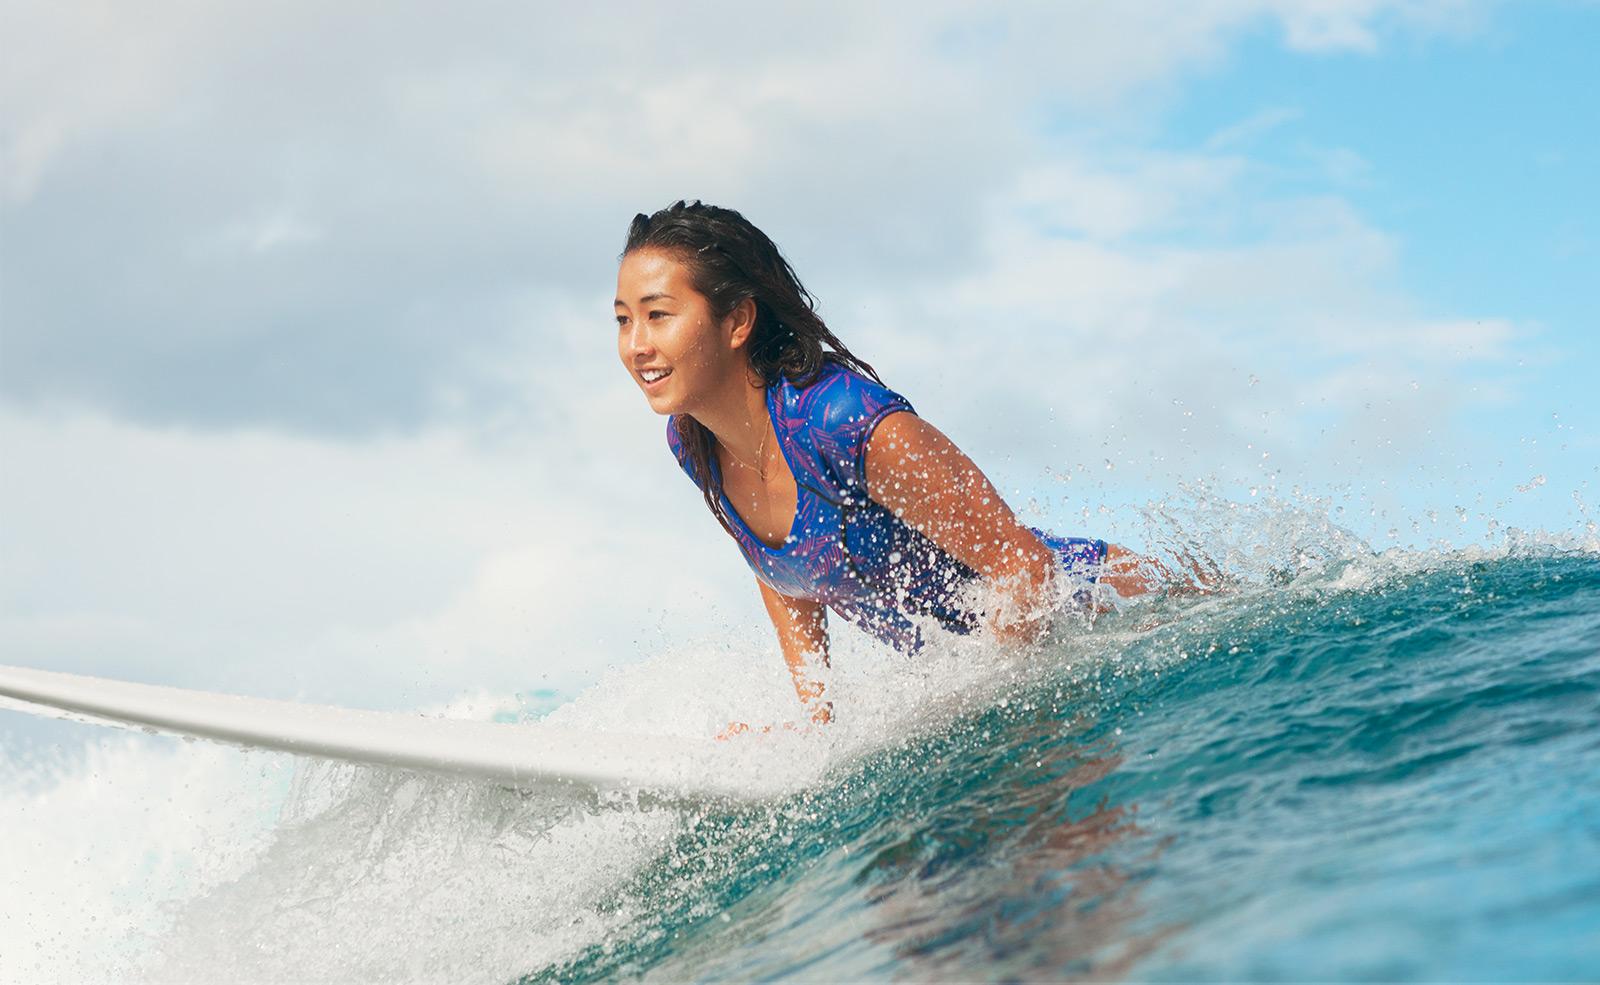 #POPsurf Roxy - KiteSista